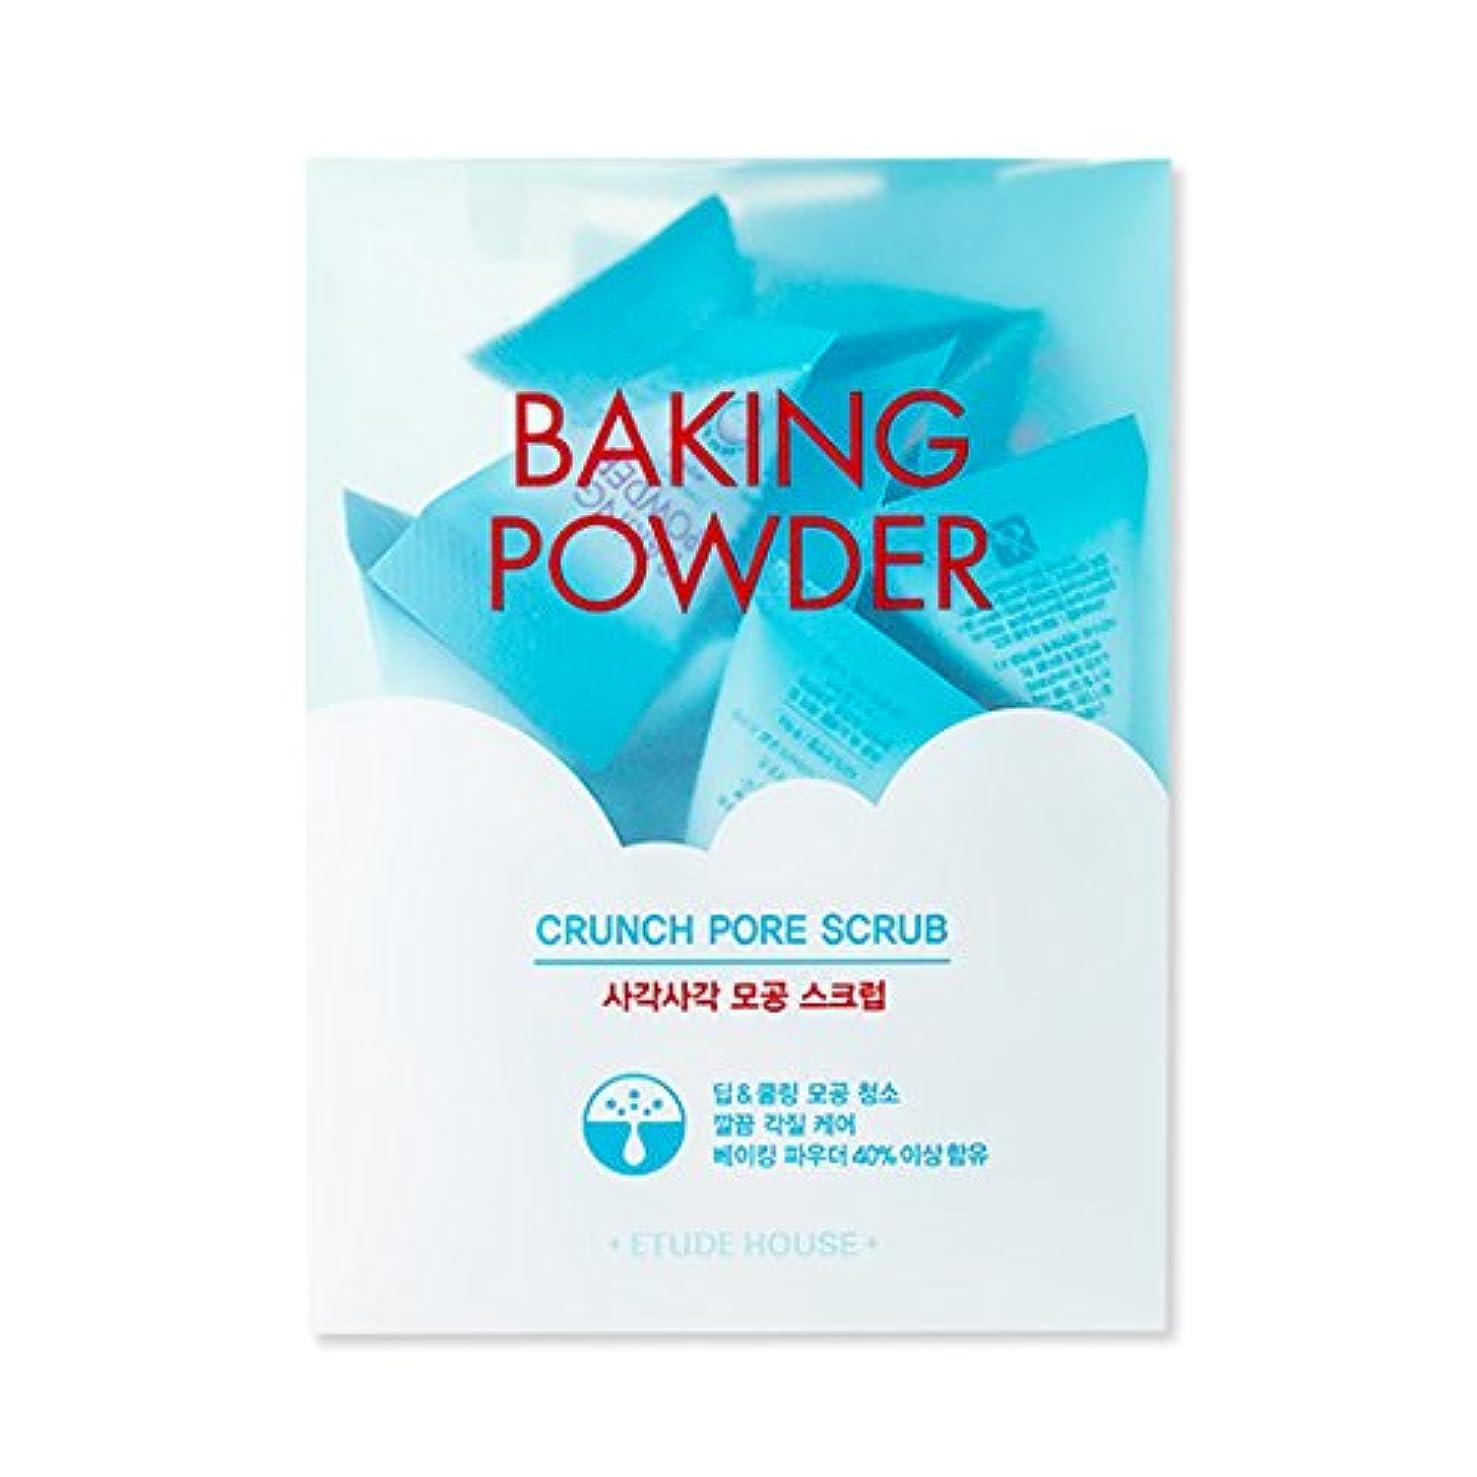 バッフル励起通常[2016 Upgrade!] ETUDE HOUSE Baking Powder Crunch Pore Scrub 7g×24ea/エチュードハウス ベーキング パウダー クランチ ポア スクラブ 7g×24ea [...